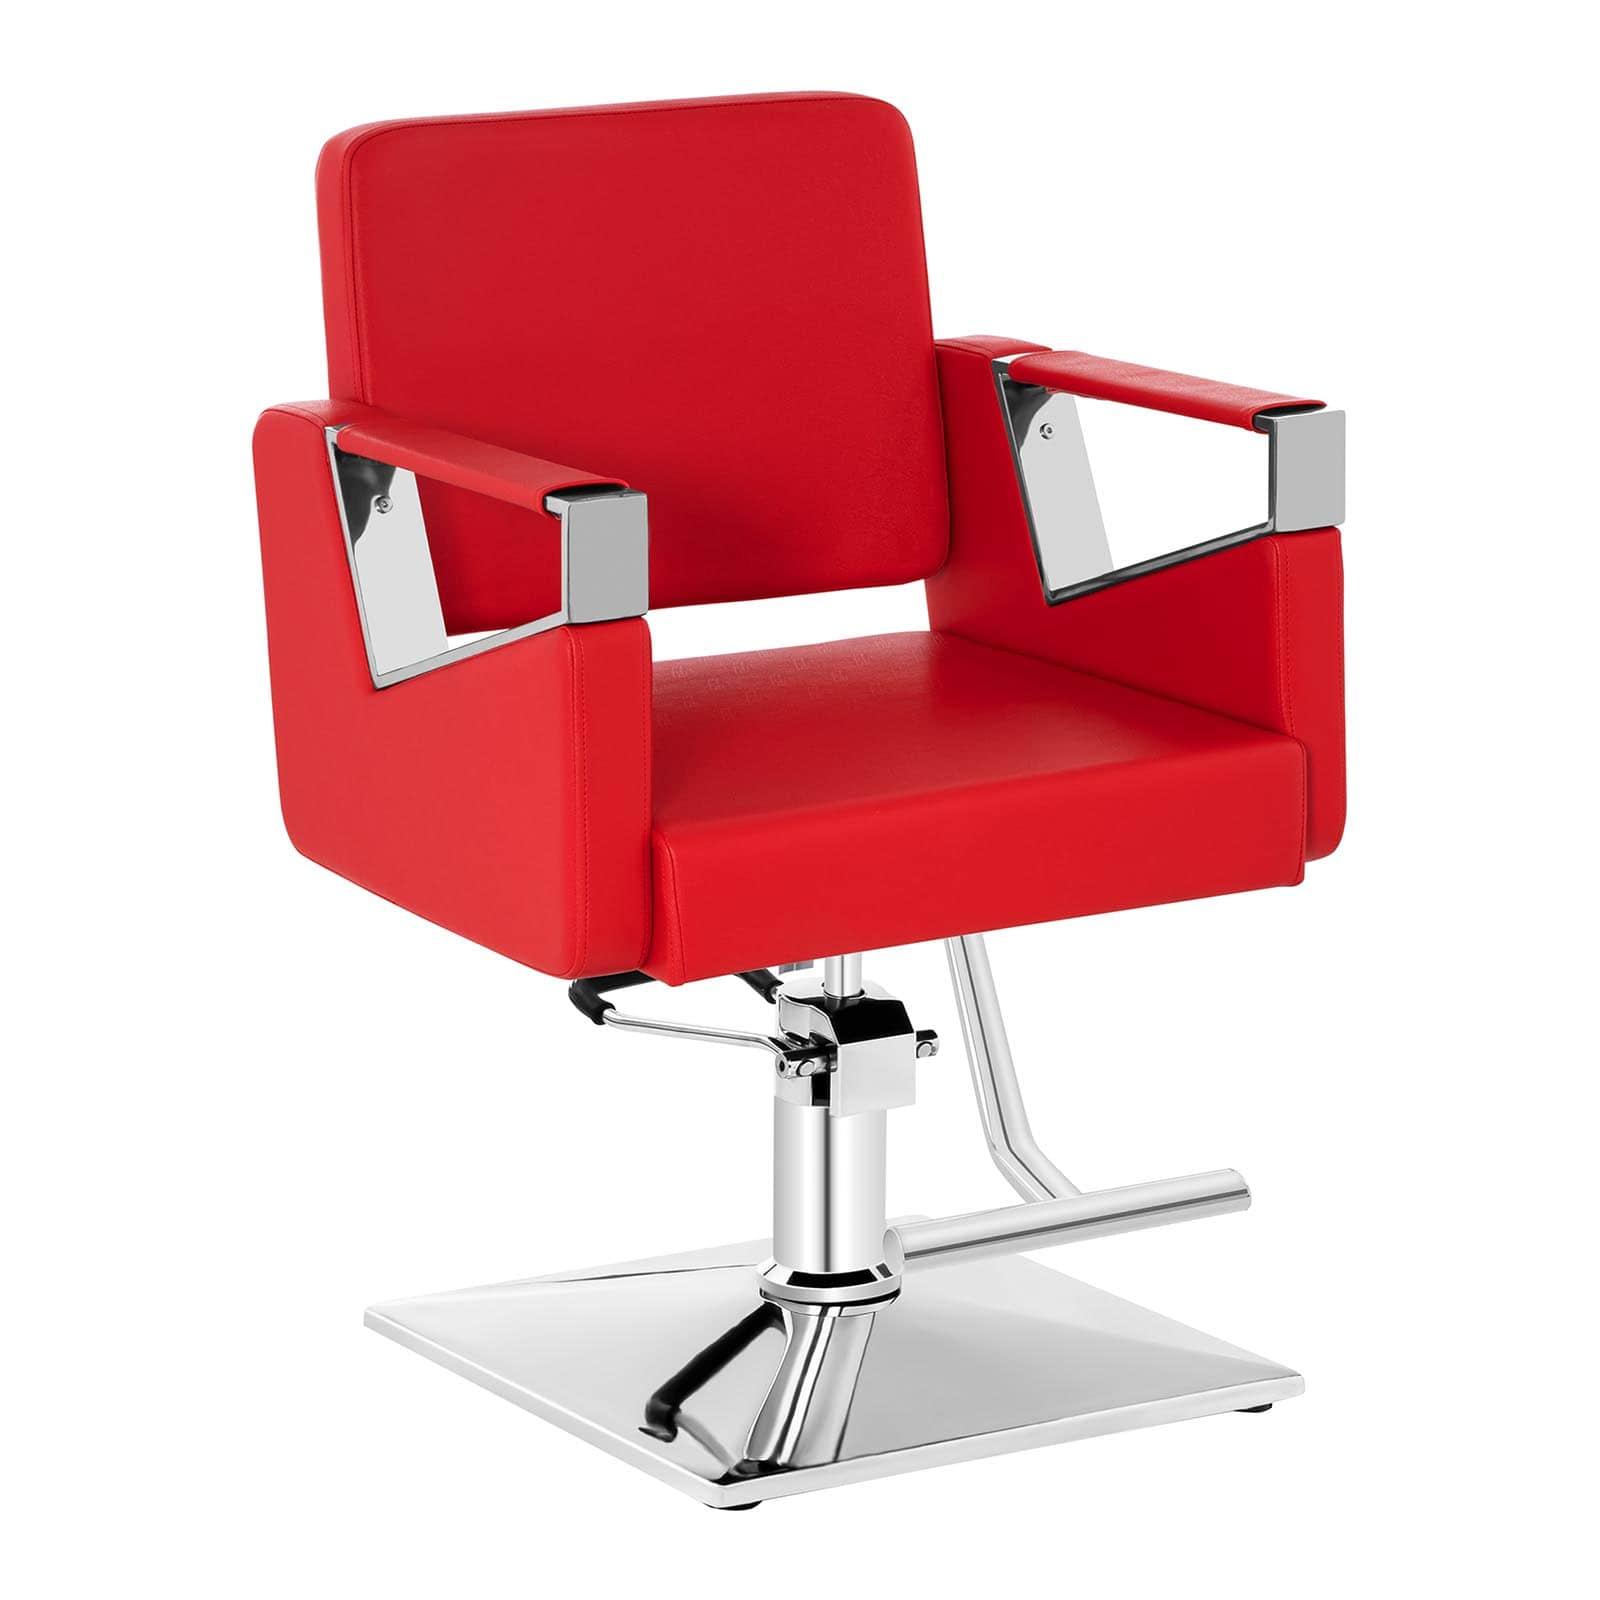 Zestaw Fotel fryzjerski Bristol - czerwony - 200 kg + Podnóżek fryzjerski - stal nierdzewna